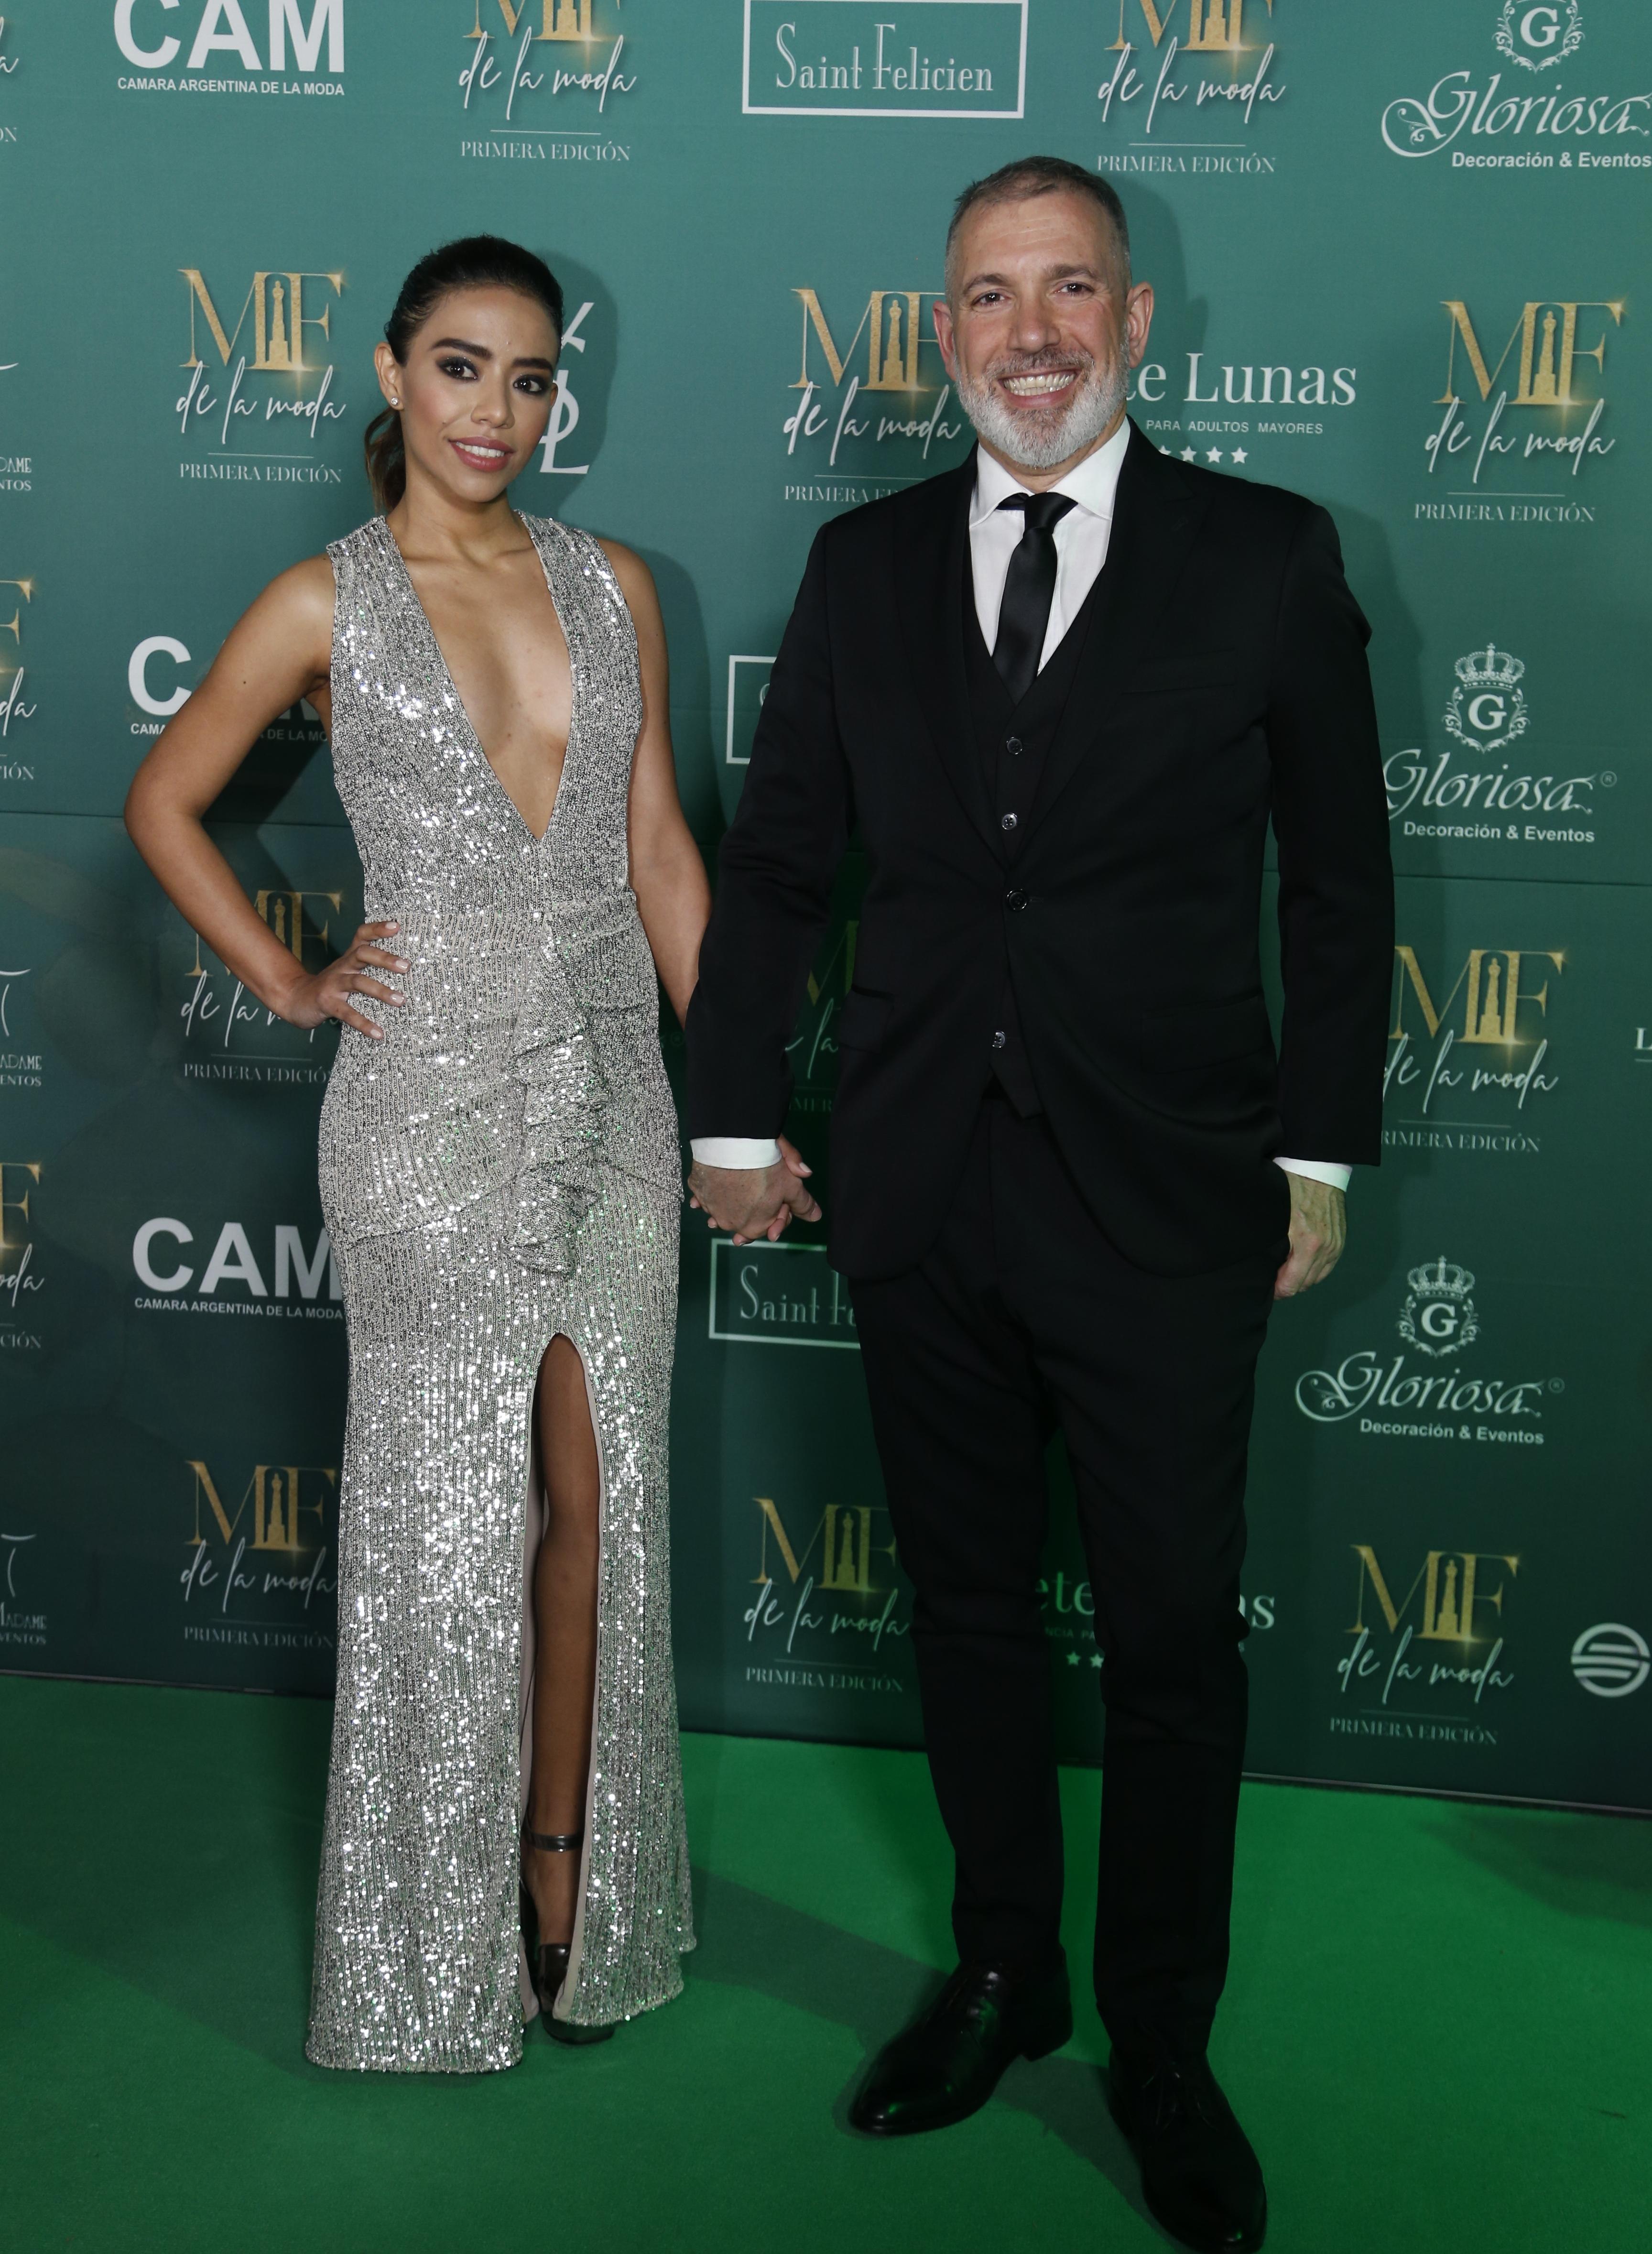 Pablo Dugan nominado a mejor estilo panelista masculino junto con su novia Larissa Sorato (Nicolás Aboaf)